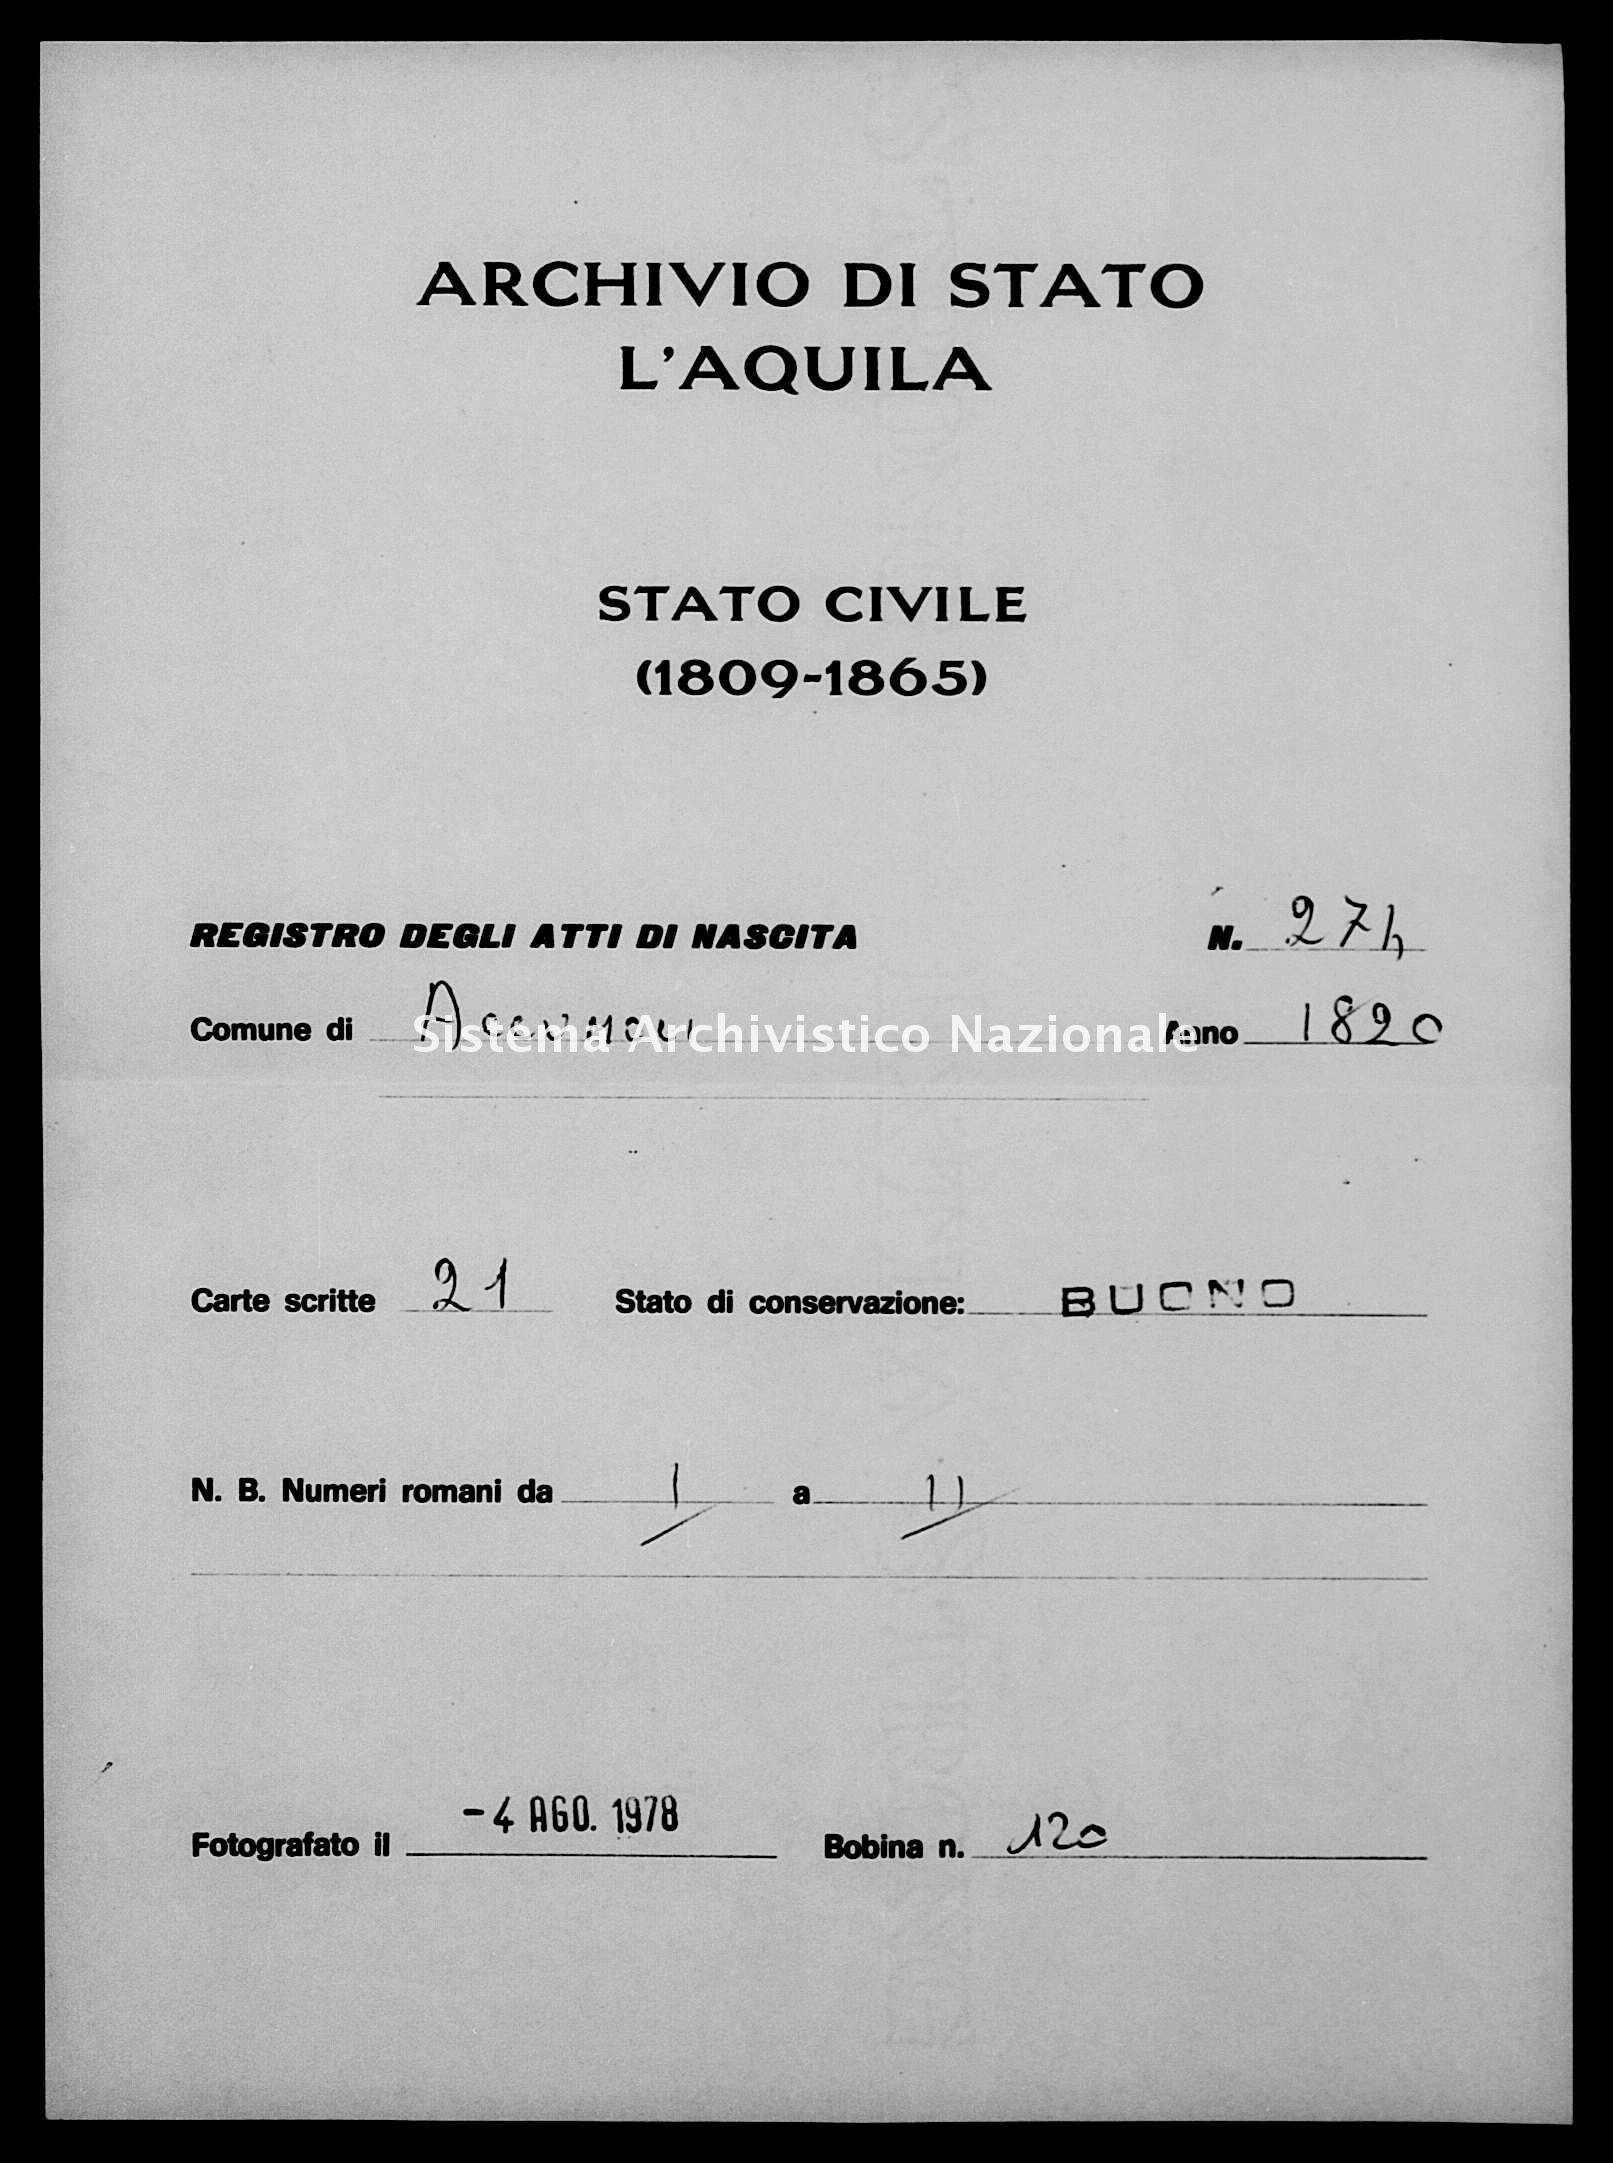 Archivio di stato di L'aquila - Stato civile della restaurazione - Accumoli - Nati - 1820 - 274 -